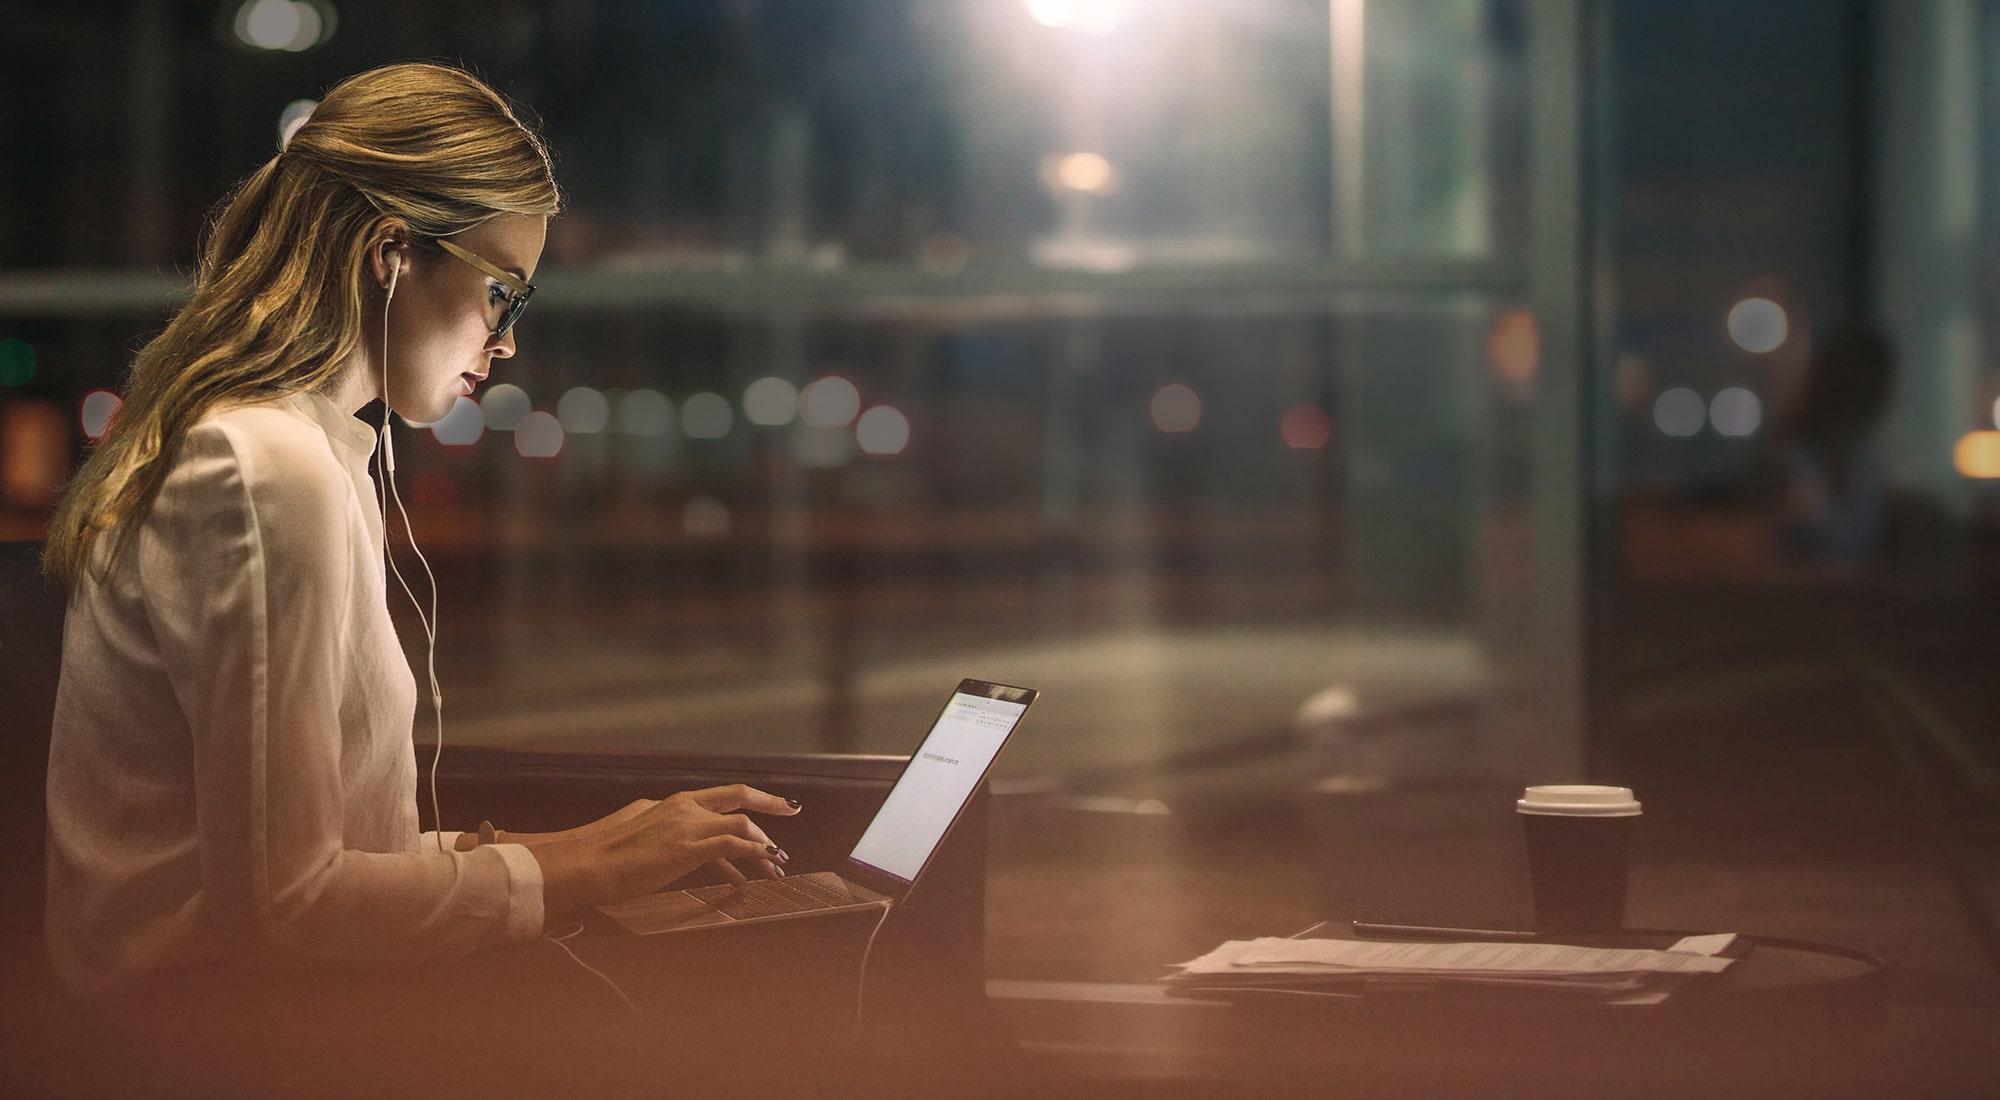 Steigern Sie die Produktivität am Arbeitsplatz und machen Sie Ihr Unternehmen noch flexibler. Es ist an der Zeit, Intranet, Digital Workplace und Office 365 zu verbinden. Wo wollen Sie anfangen?